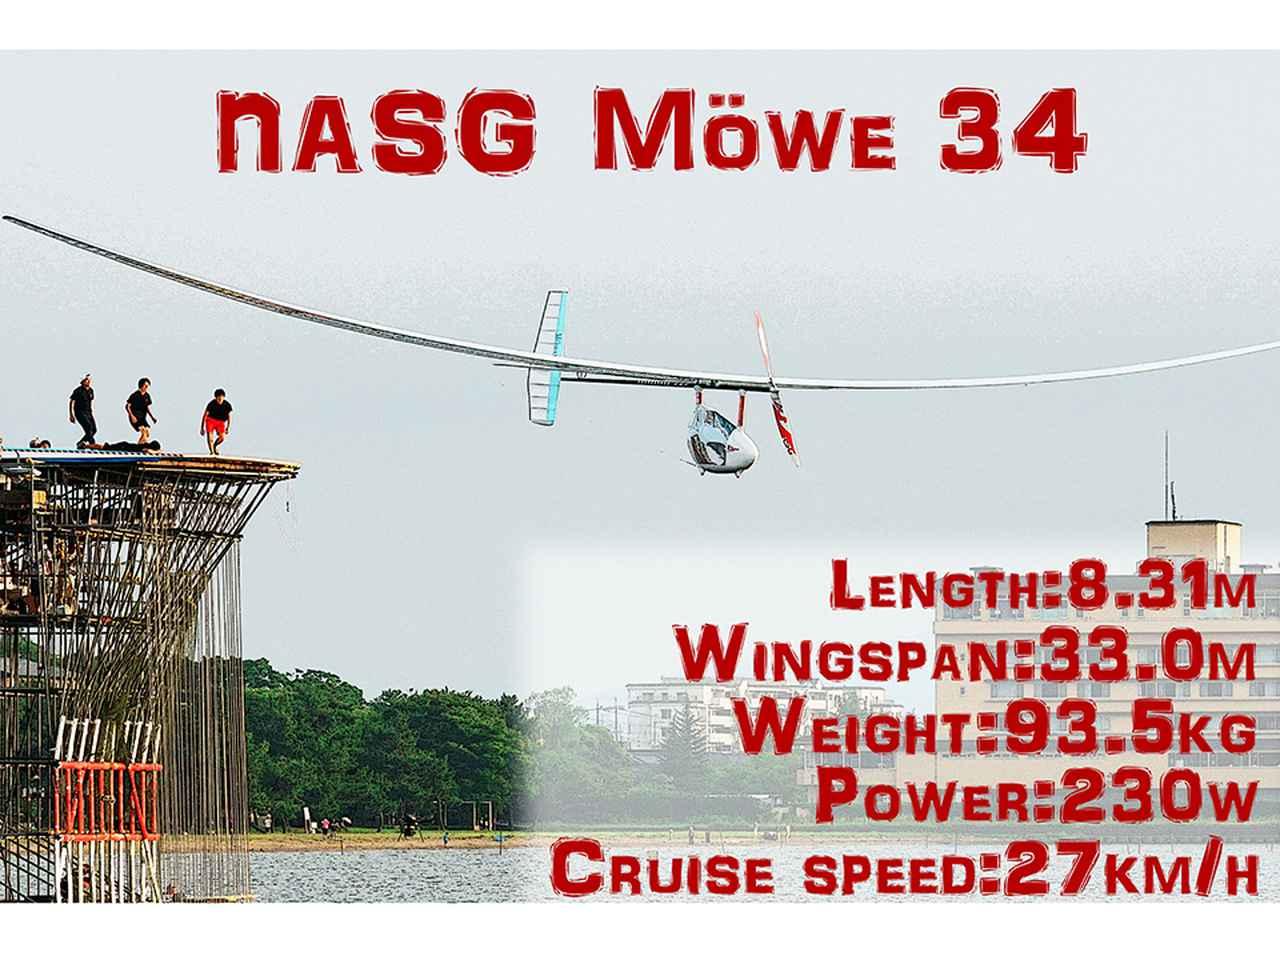 画像: タイトル画像:33m以上、アスペクト比36前後の細長い主翼は、大きな揚力を得ながら空気抵抗の軽減に貢献し、1.3Gまで耐える。現在、製作中のメーヴェは36号機となる伝統を継承している。